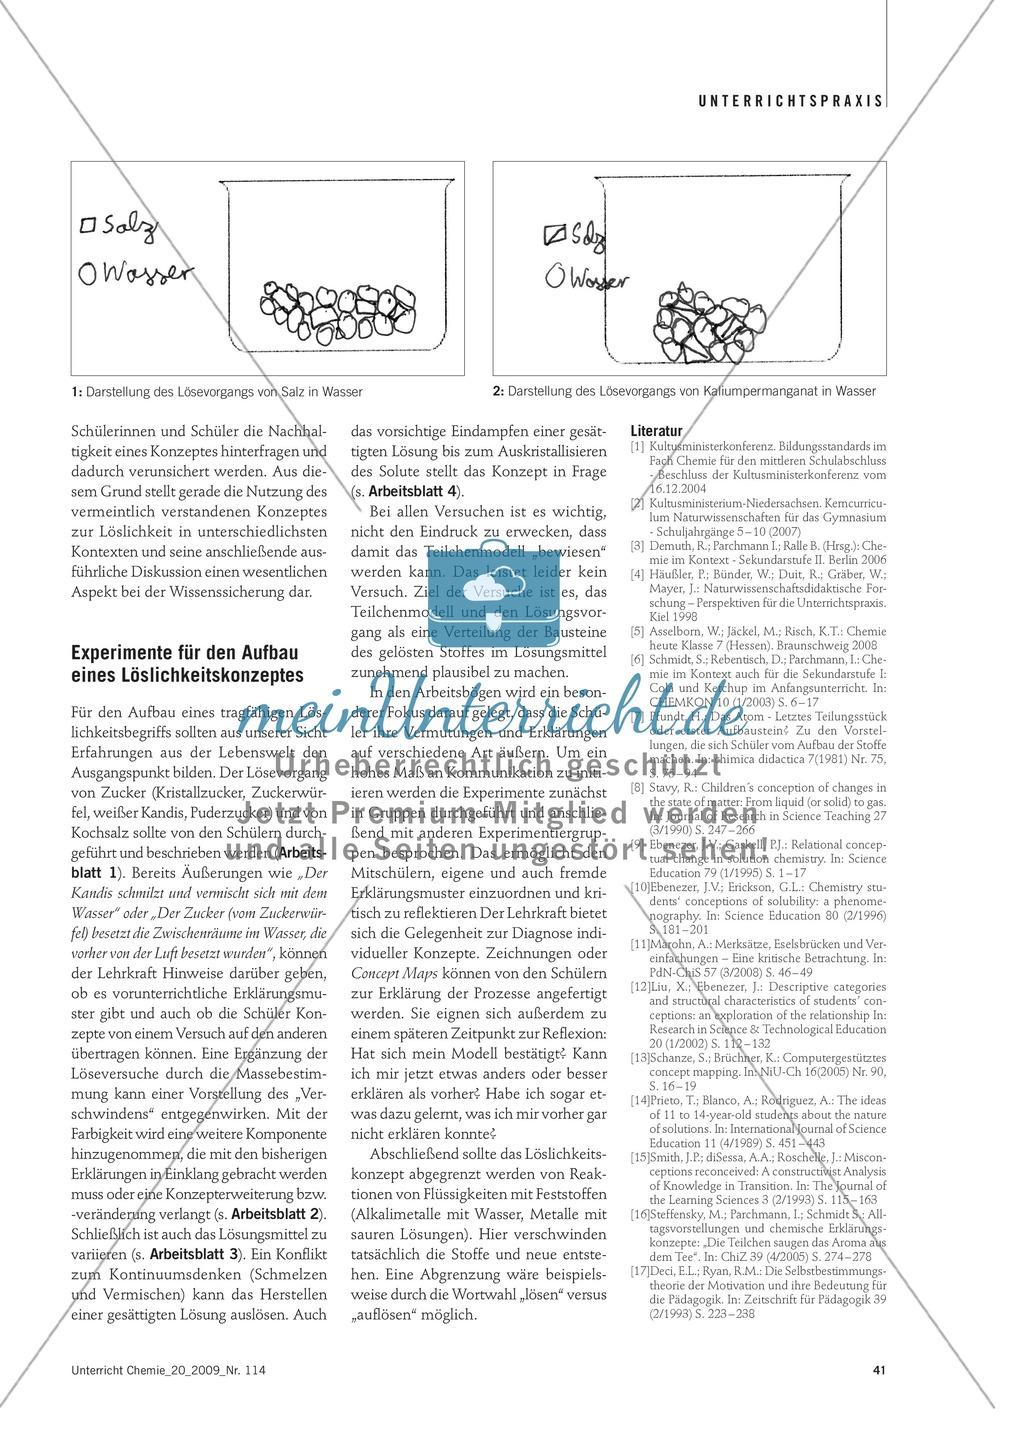 Lösevorgänge verstehen und erklären + Schülervorstellungen zum Löslichkeitskonzept Preview 3